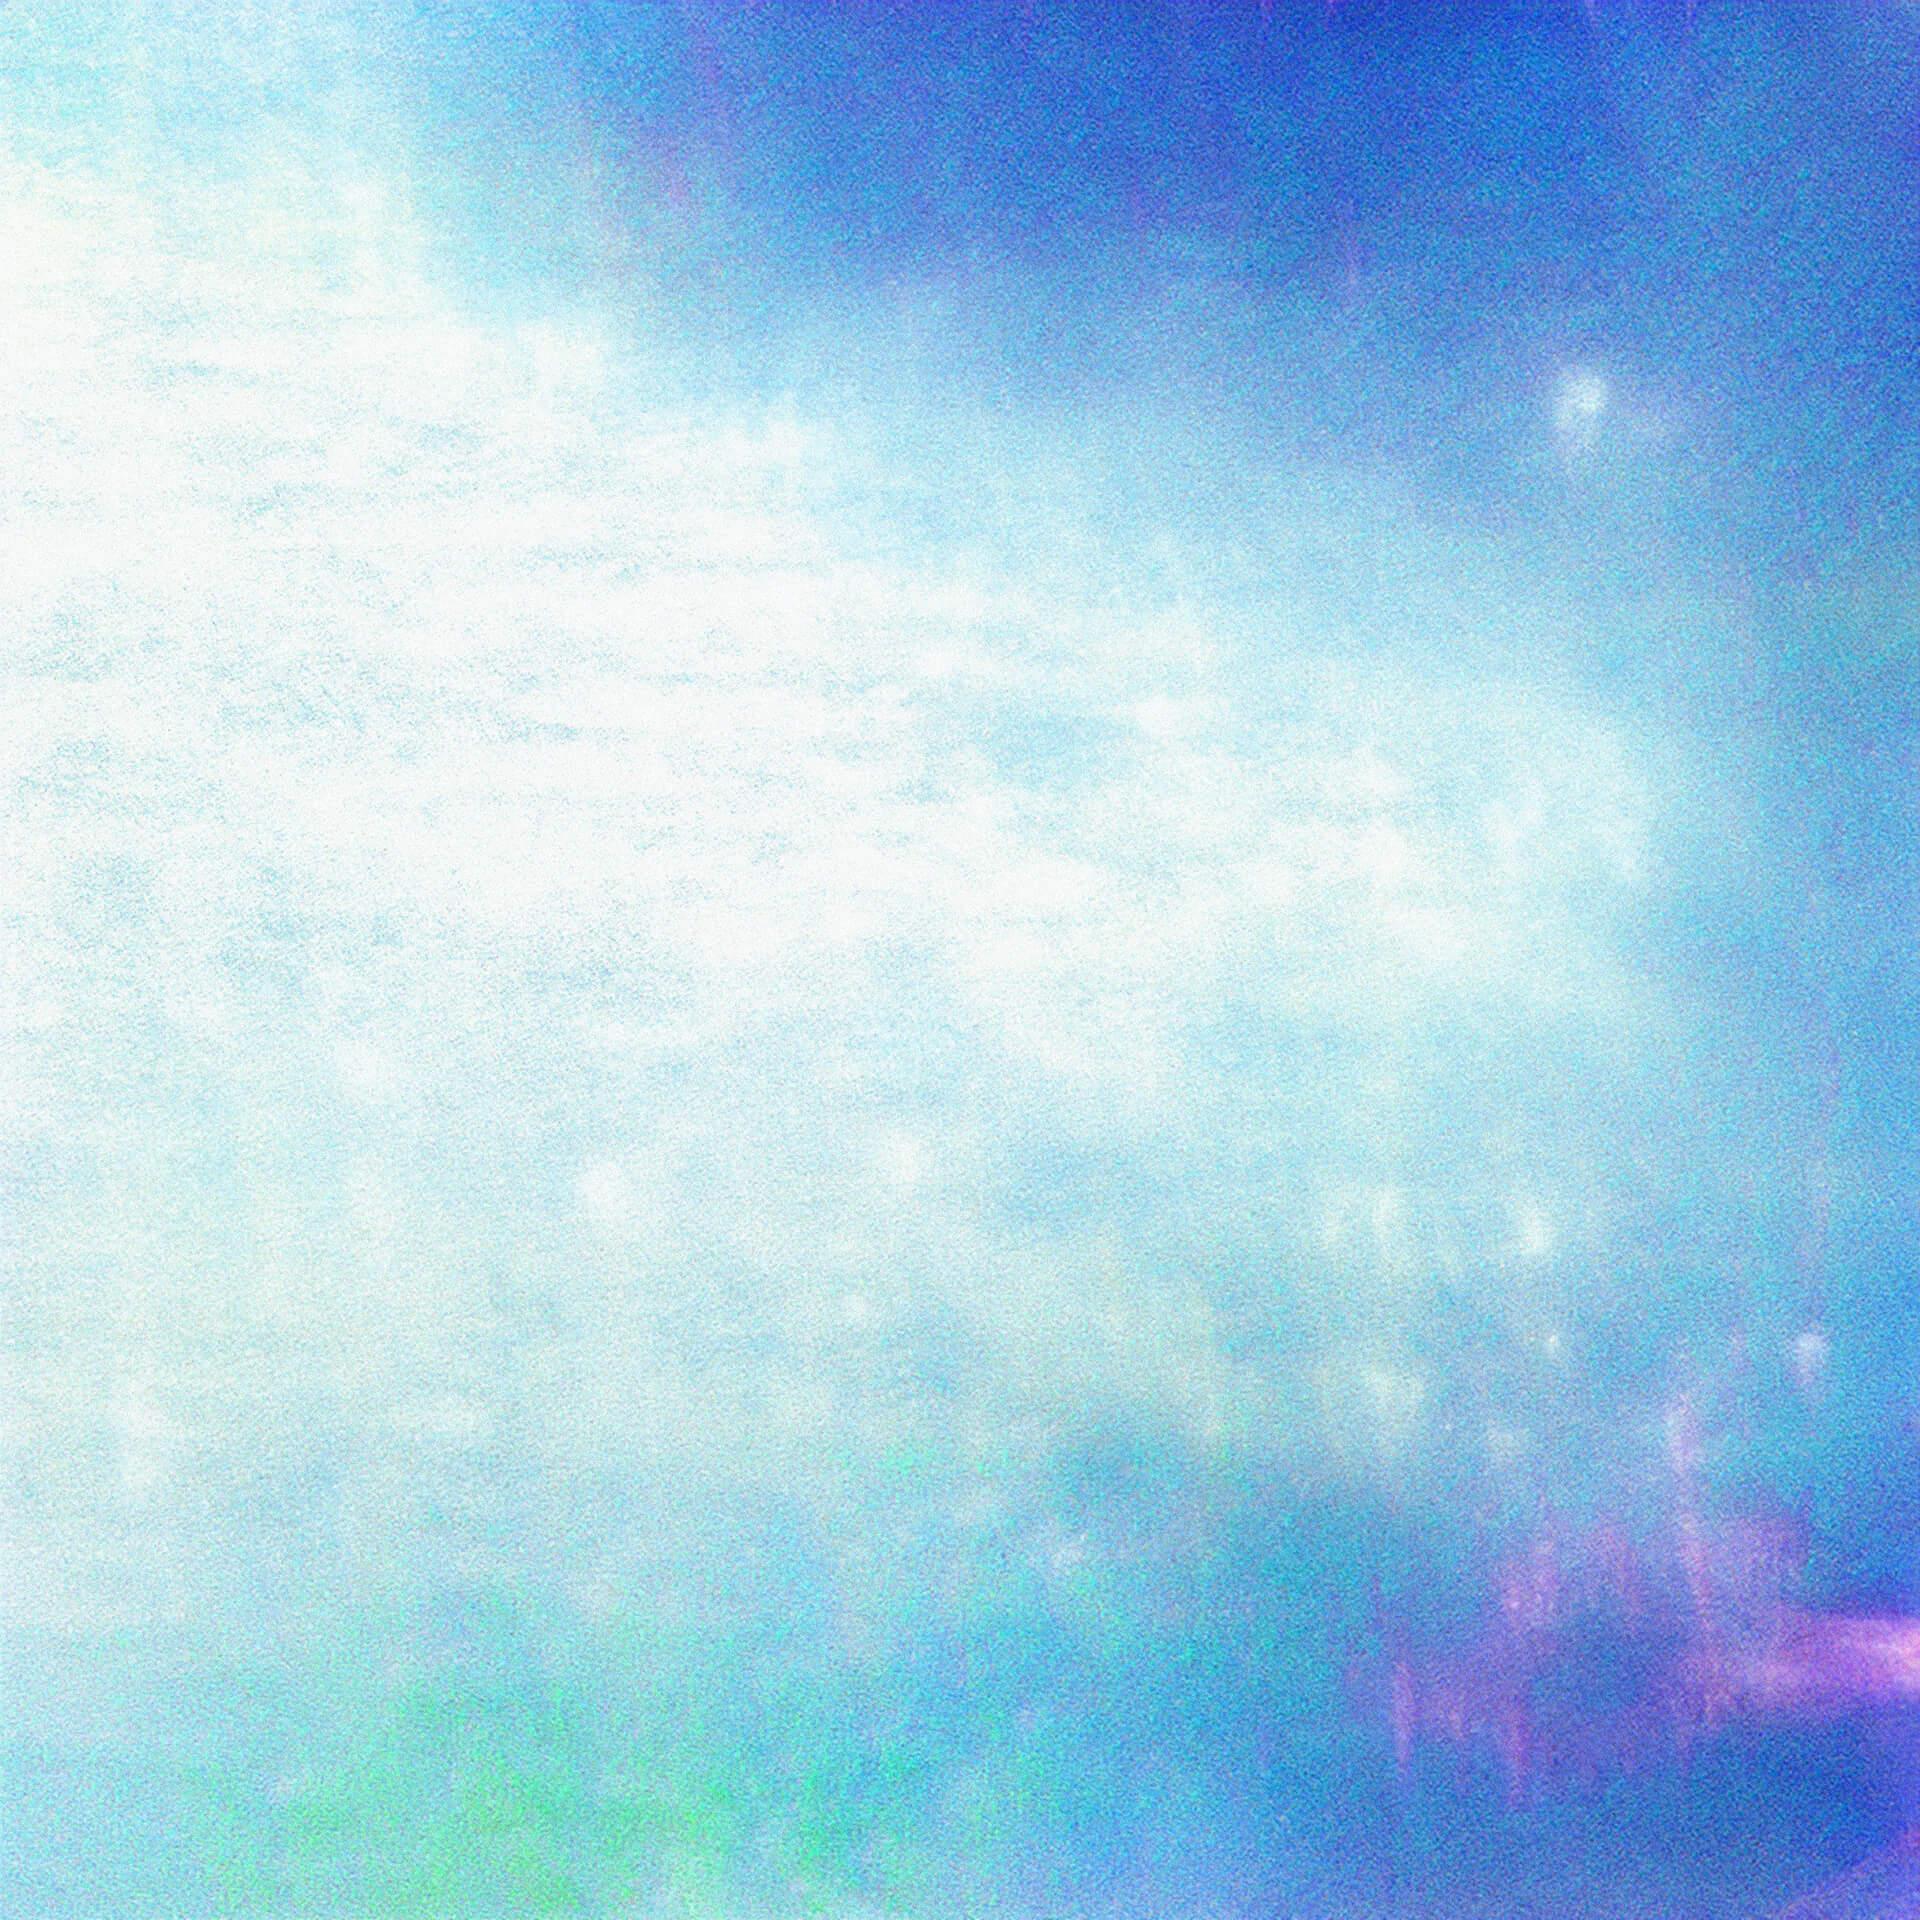 """ポカリ新CMにアイナ・ジ・エンドとROTH BART BARONによるA_oの""""BLUE SOULS""""が再起用!待望のフル楽曲も配信決定 music210701_A_o2"""